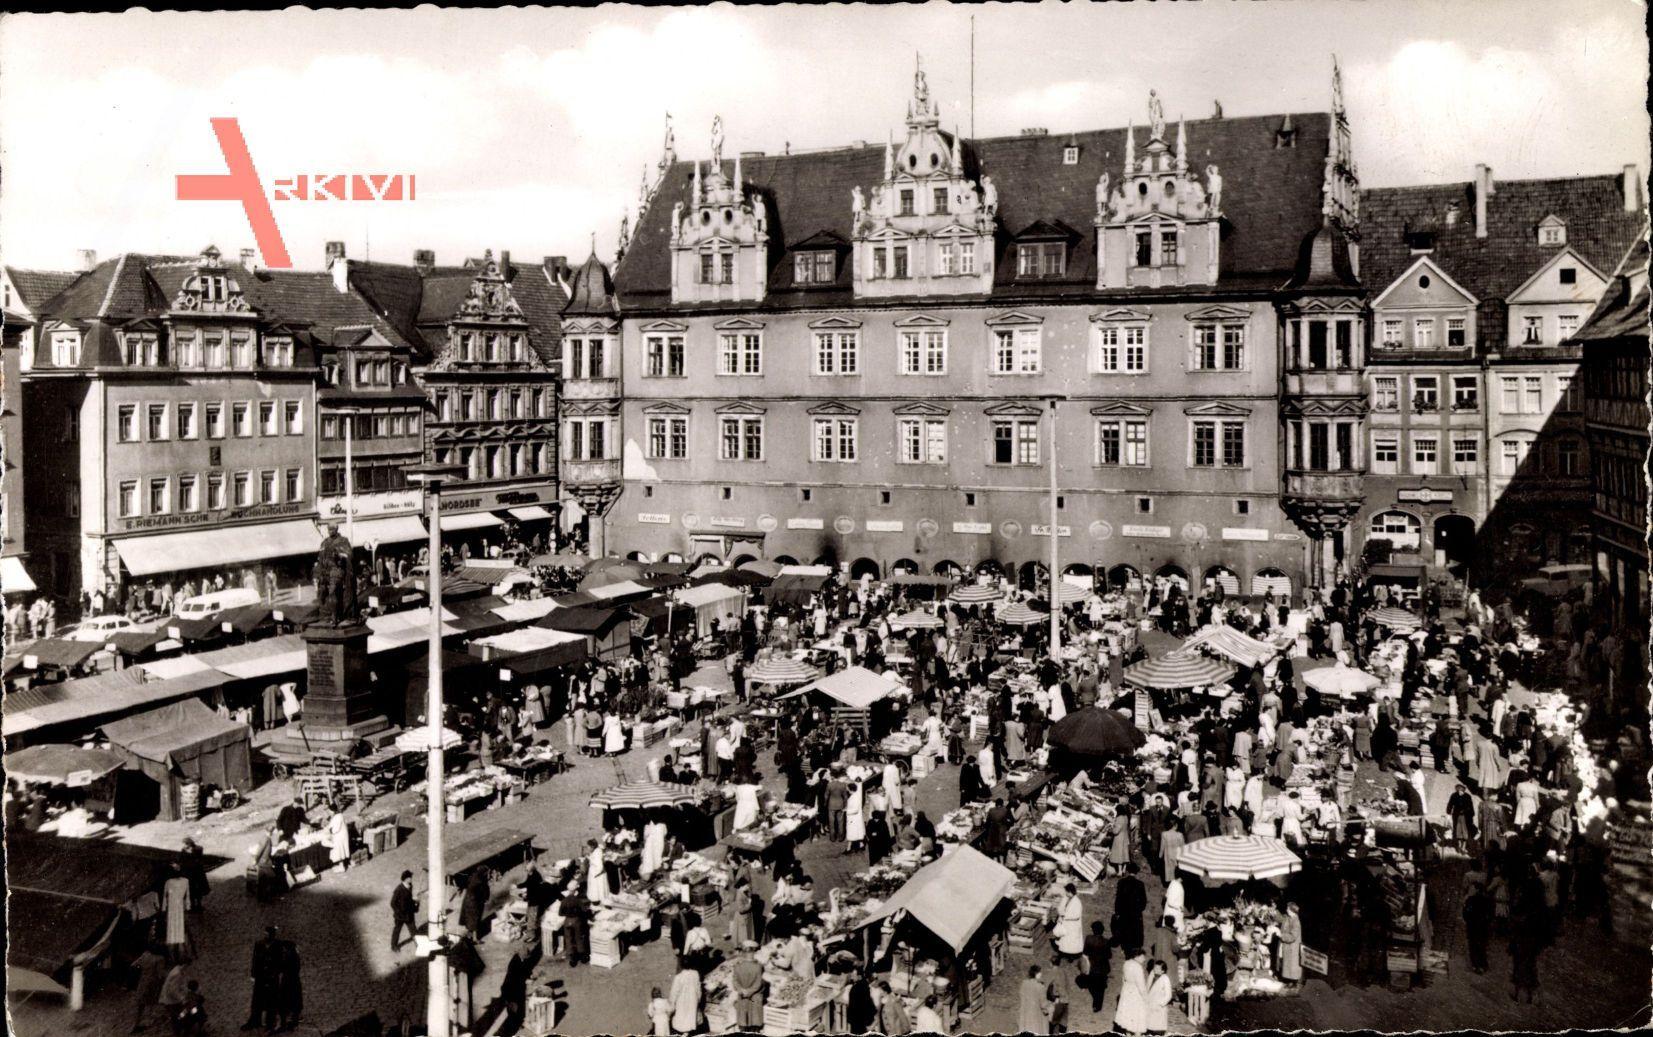 Coburg in Oberfranken, Markttag, Verkaufsstände am Rathaus